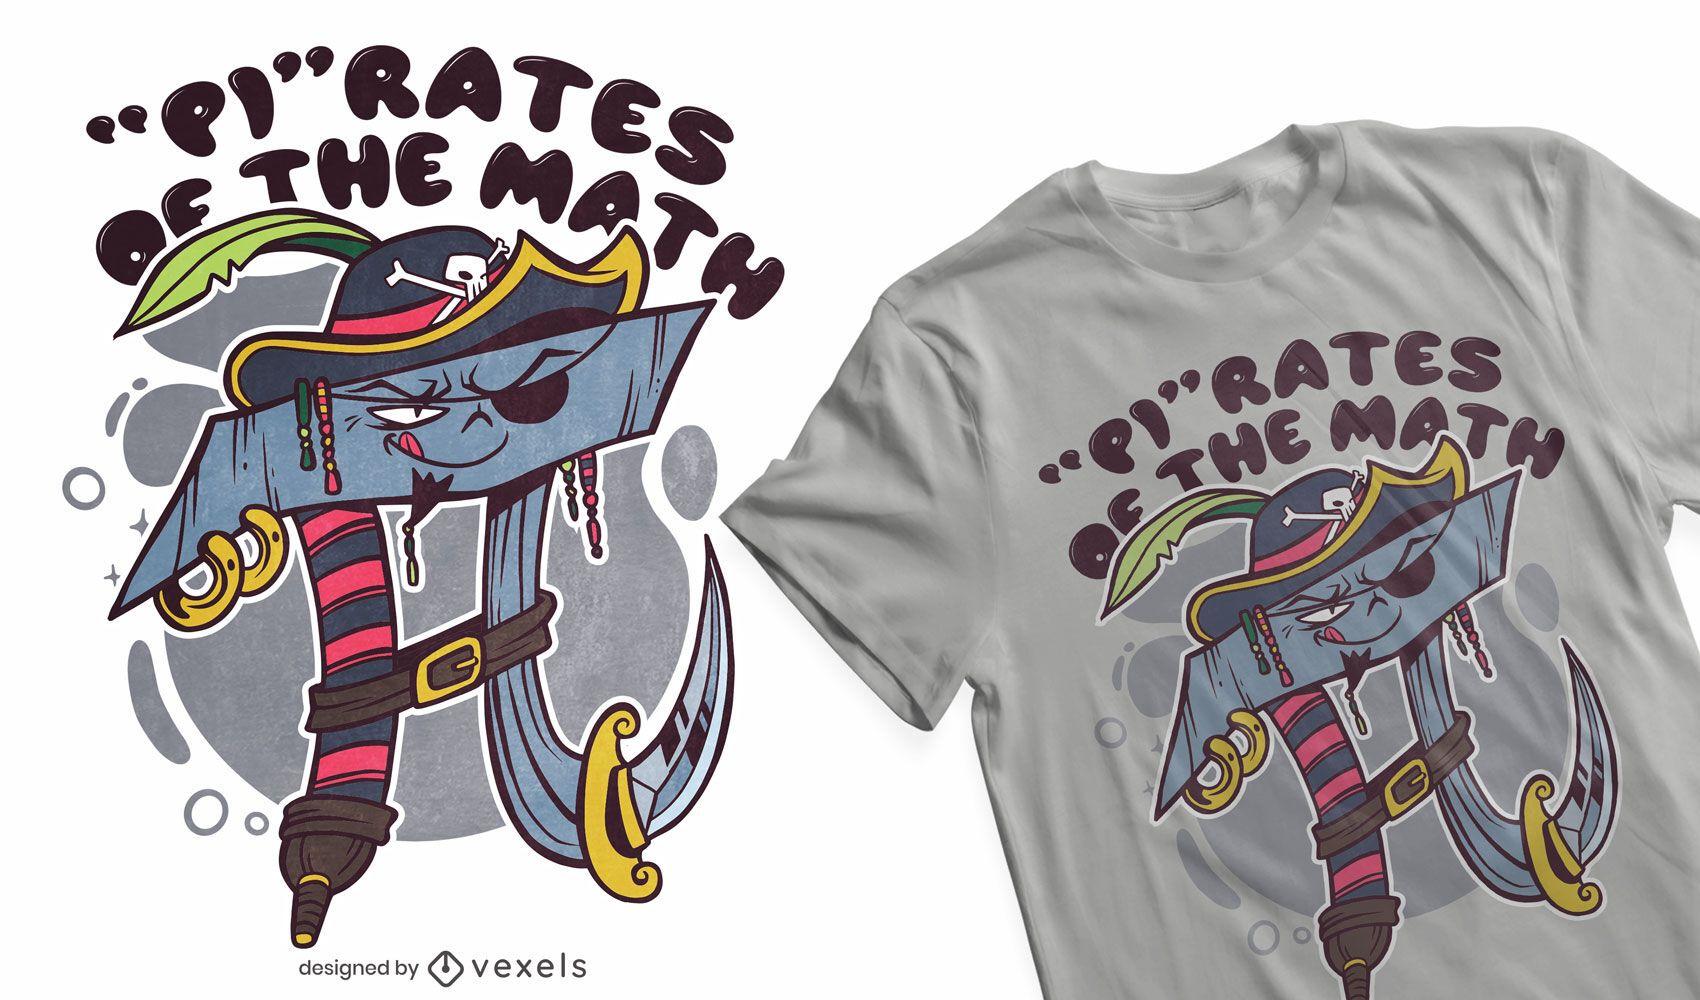 Pi taxas de design de t-shirt